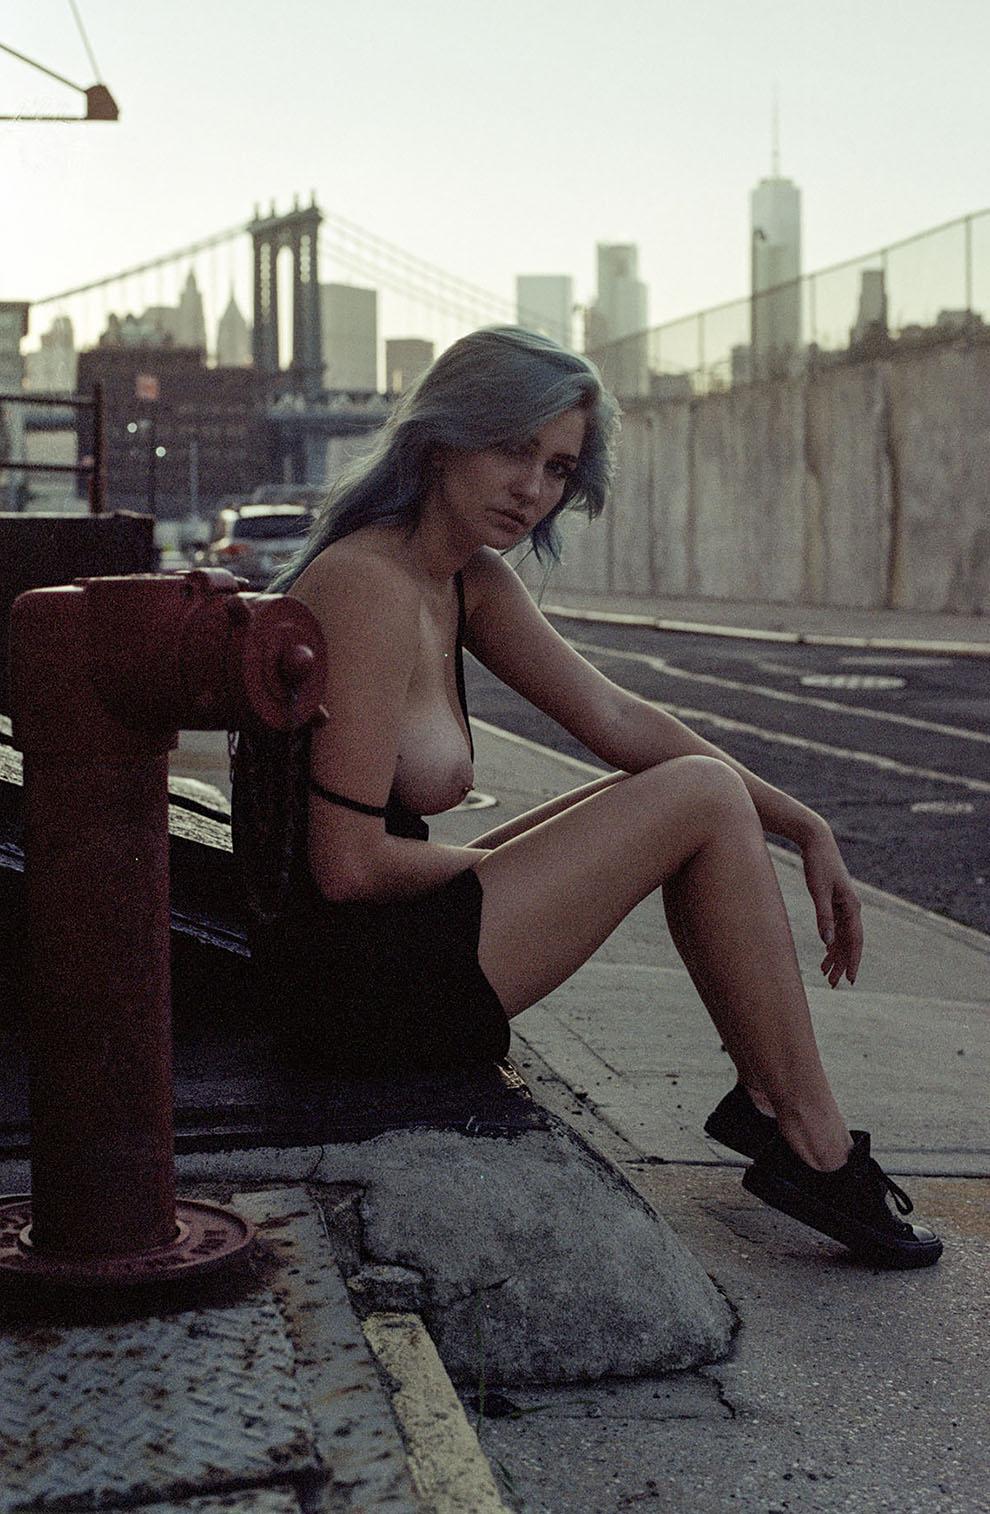 Чувственные снимки девушек от Зено Гилла